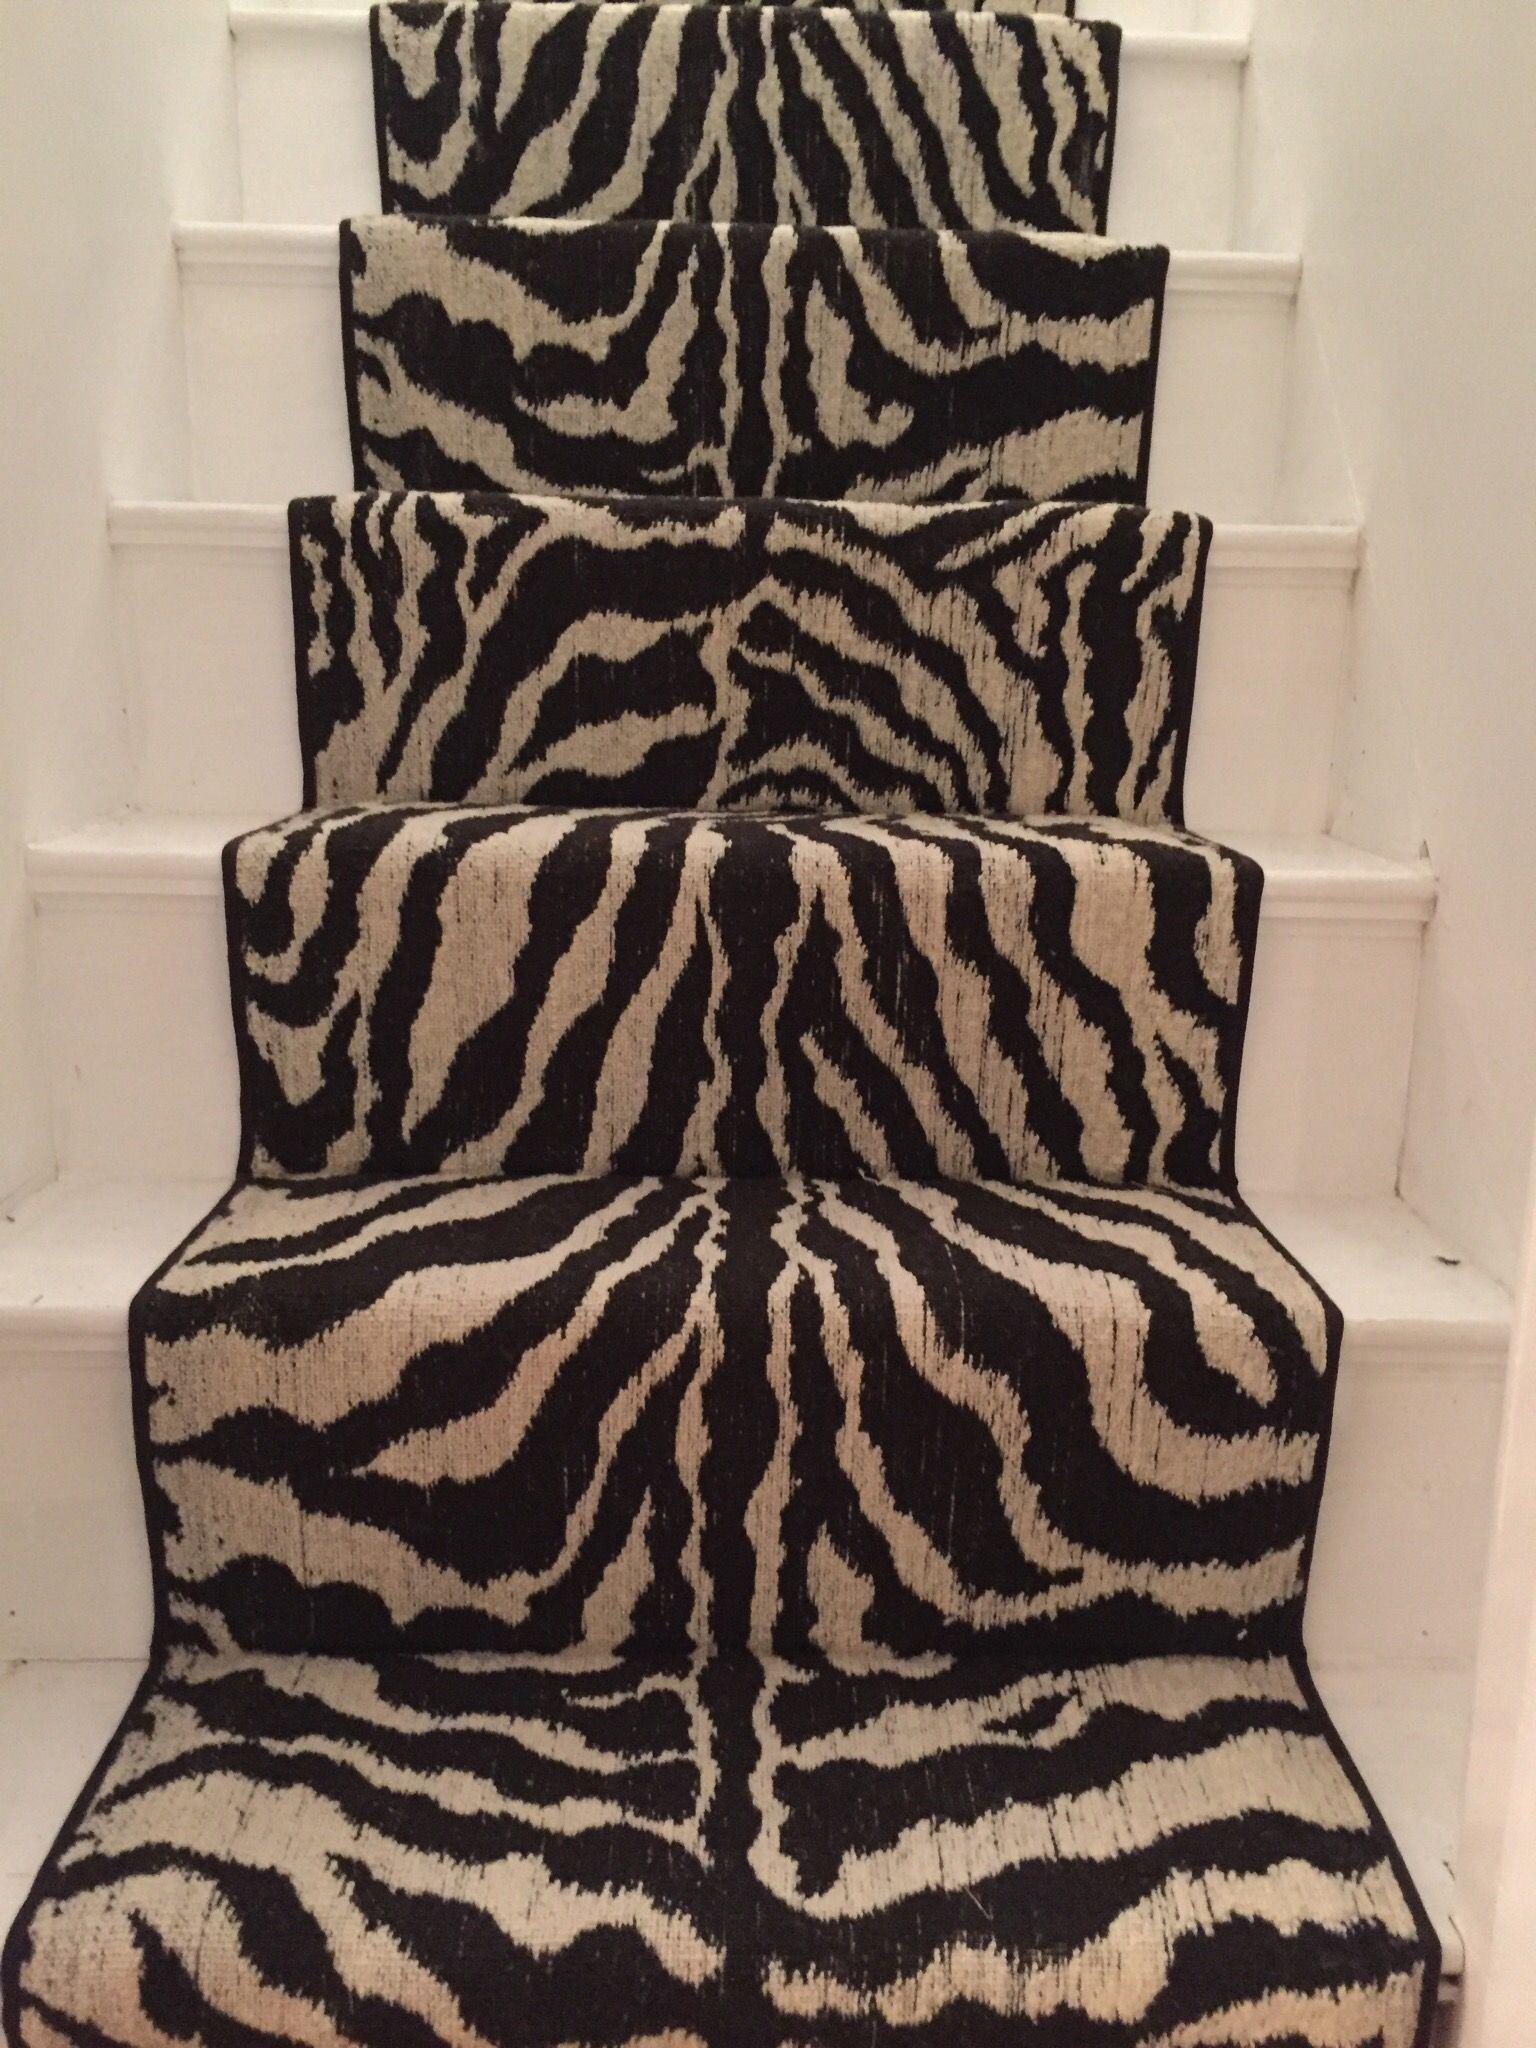 #Zebra Print #Animal Print Stair Runner